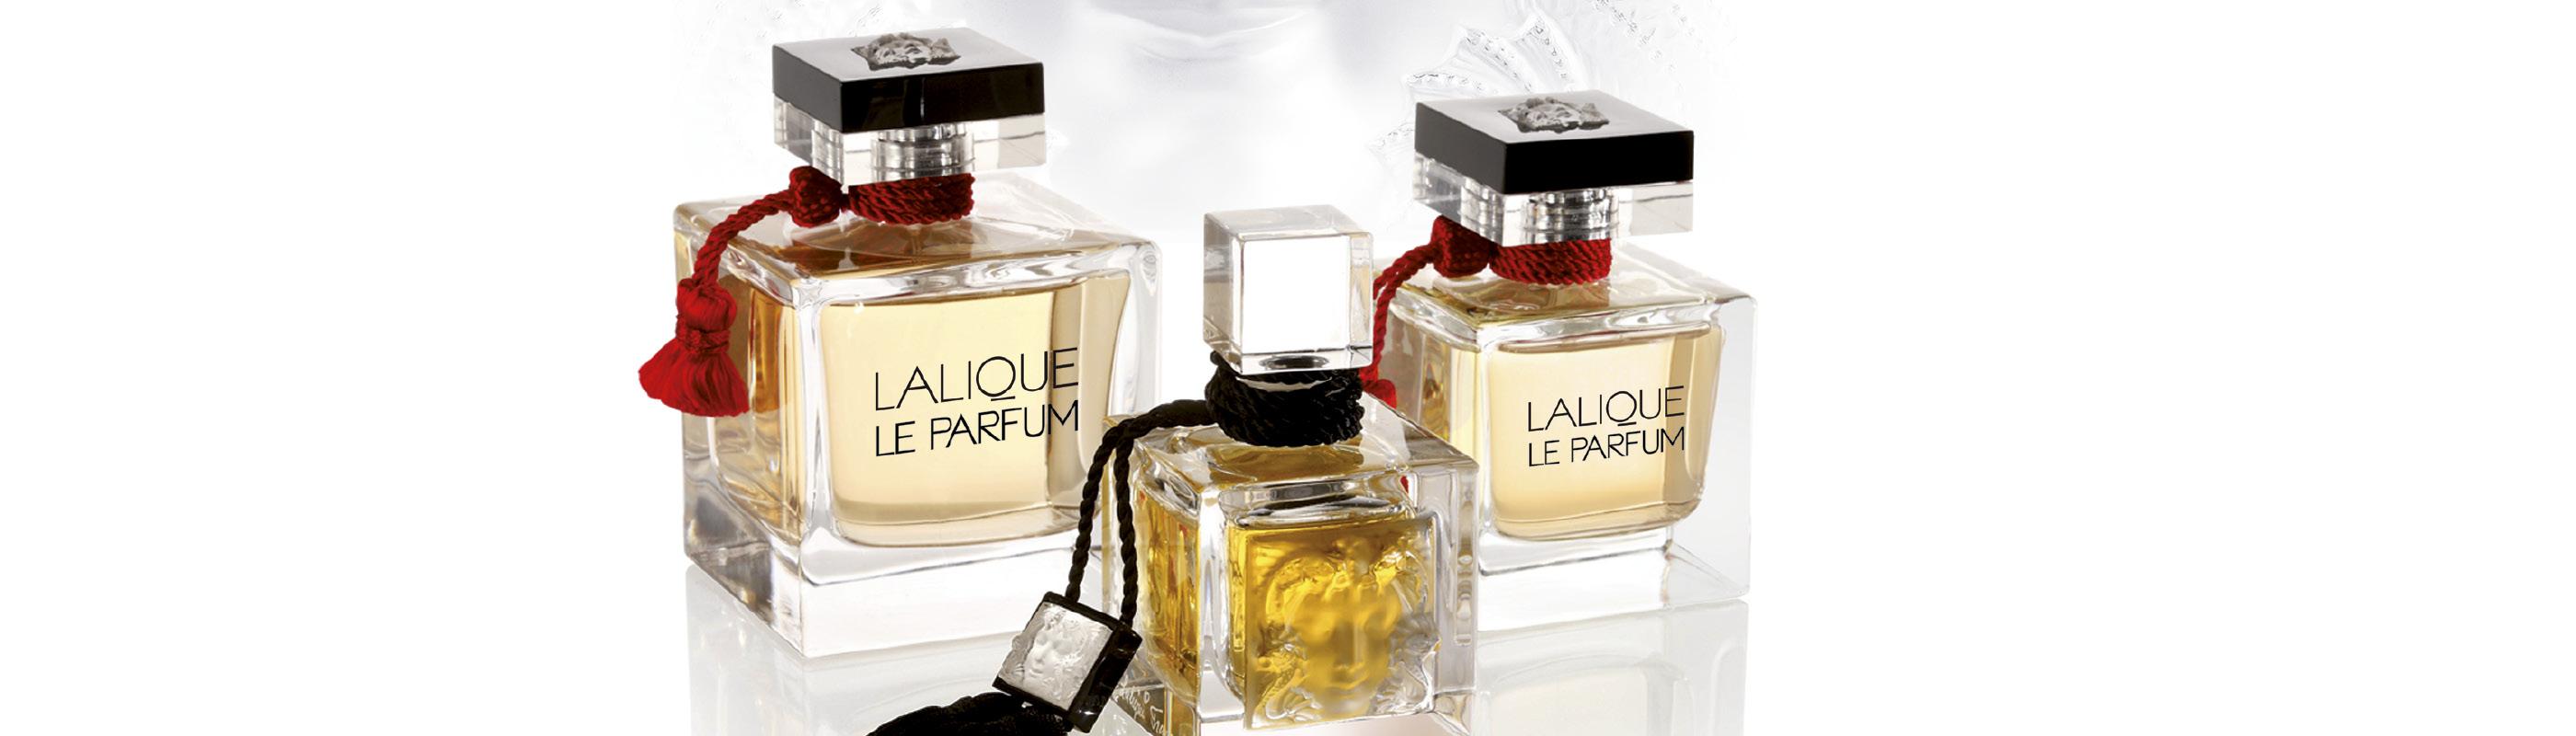 Lalique Le Parfum Parfum Pour Femme Lalique Parfums Lalique